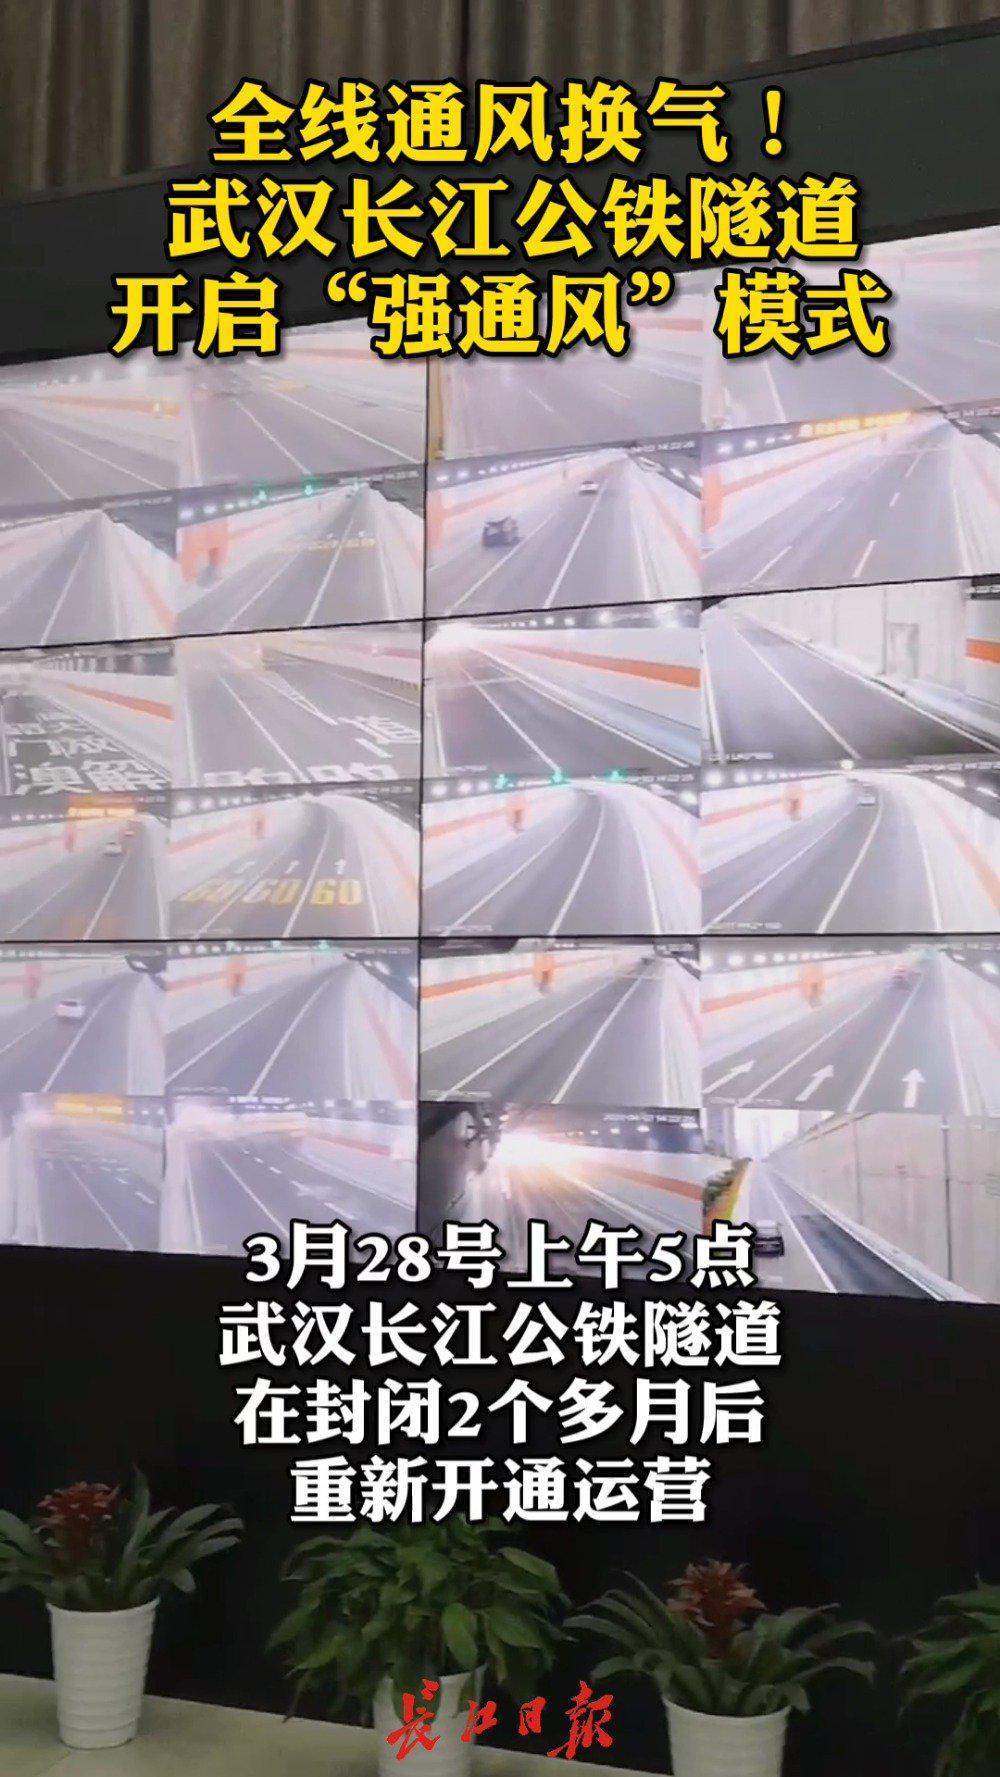 全线通风换气!武汉长江公铁隧道开启强通风模式